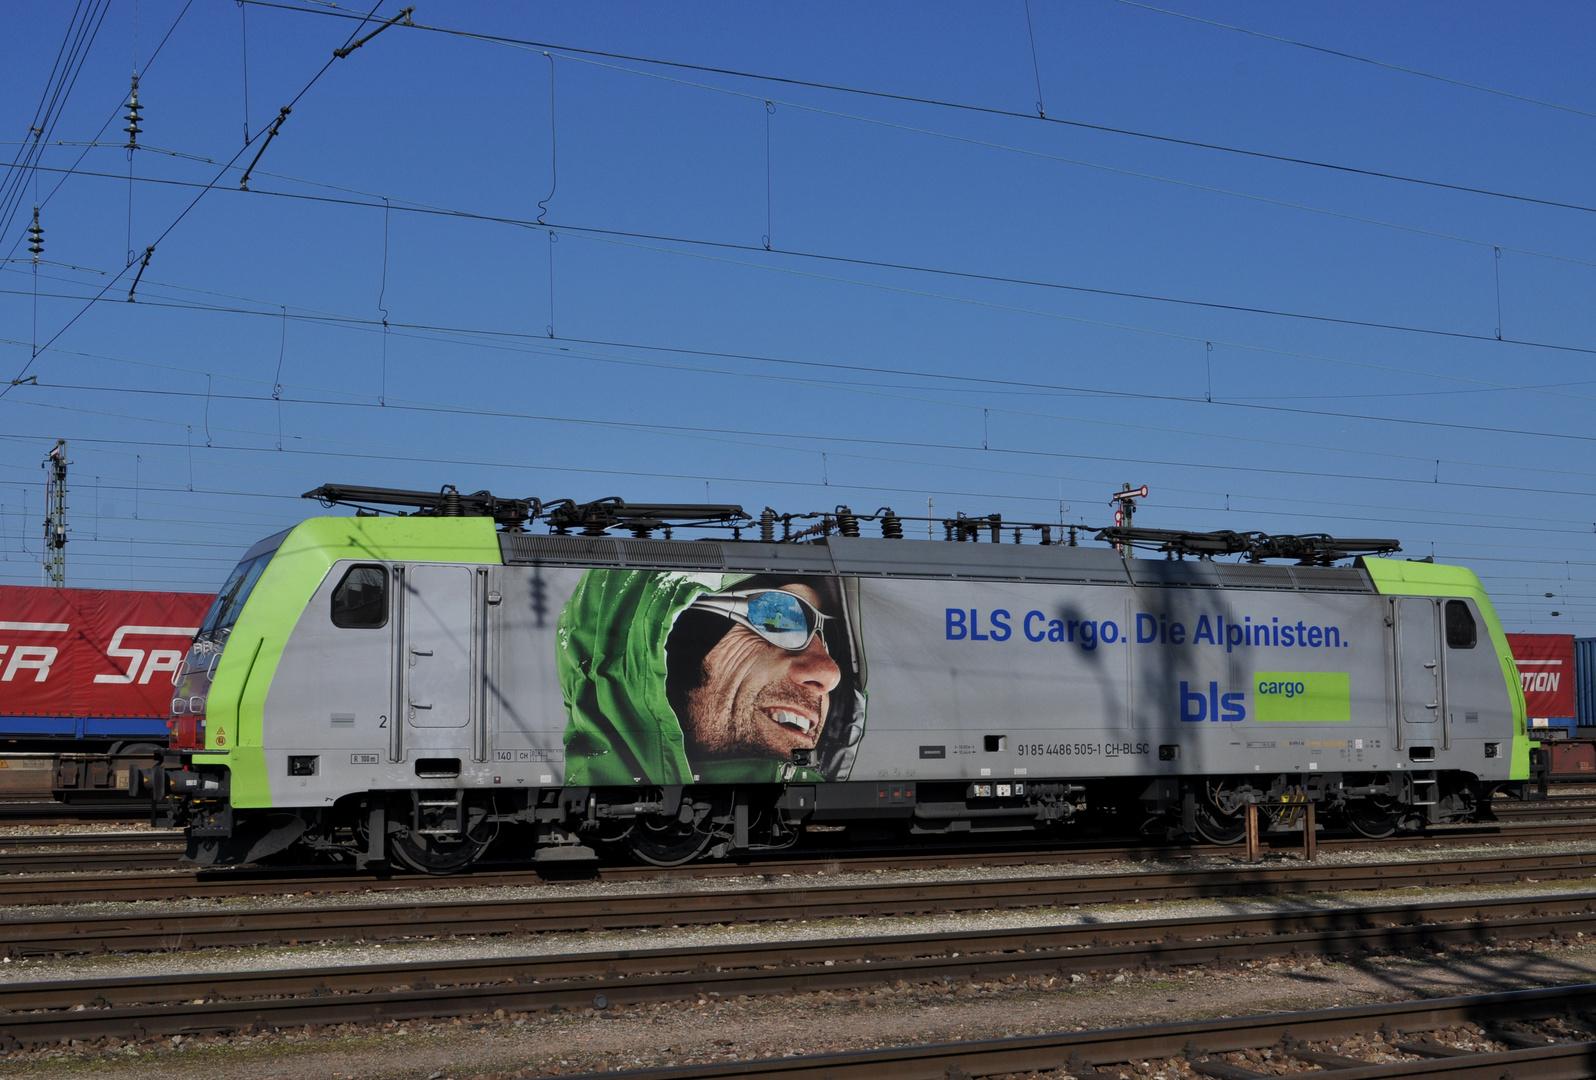 BLS Cargo, Die Alpinisten